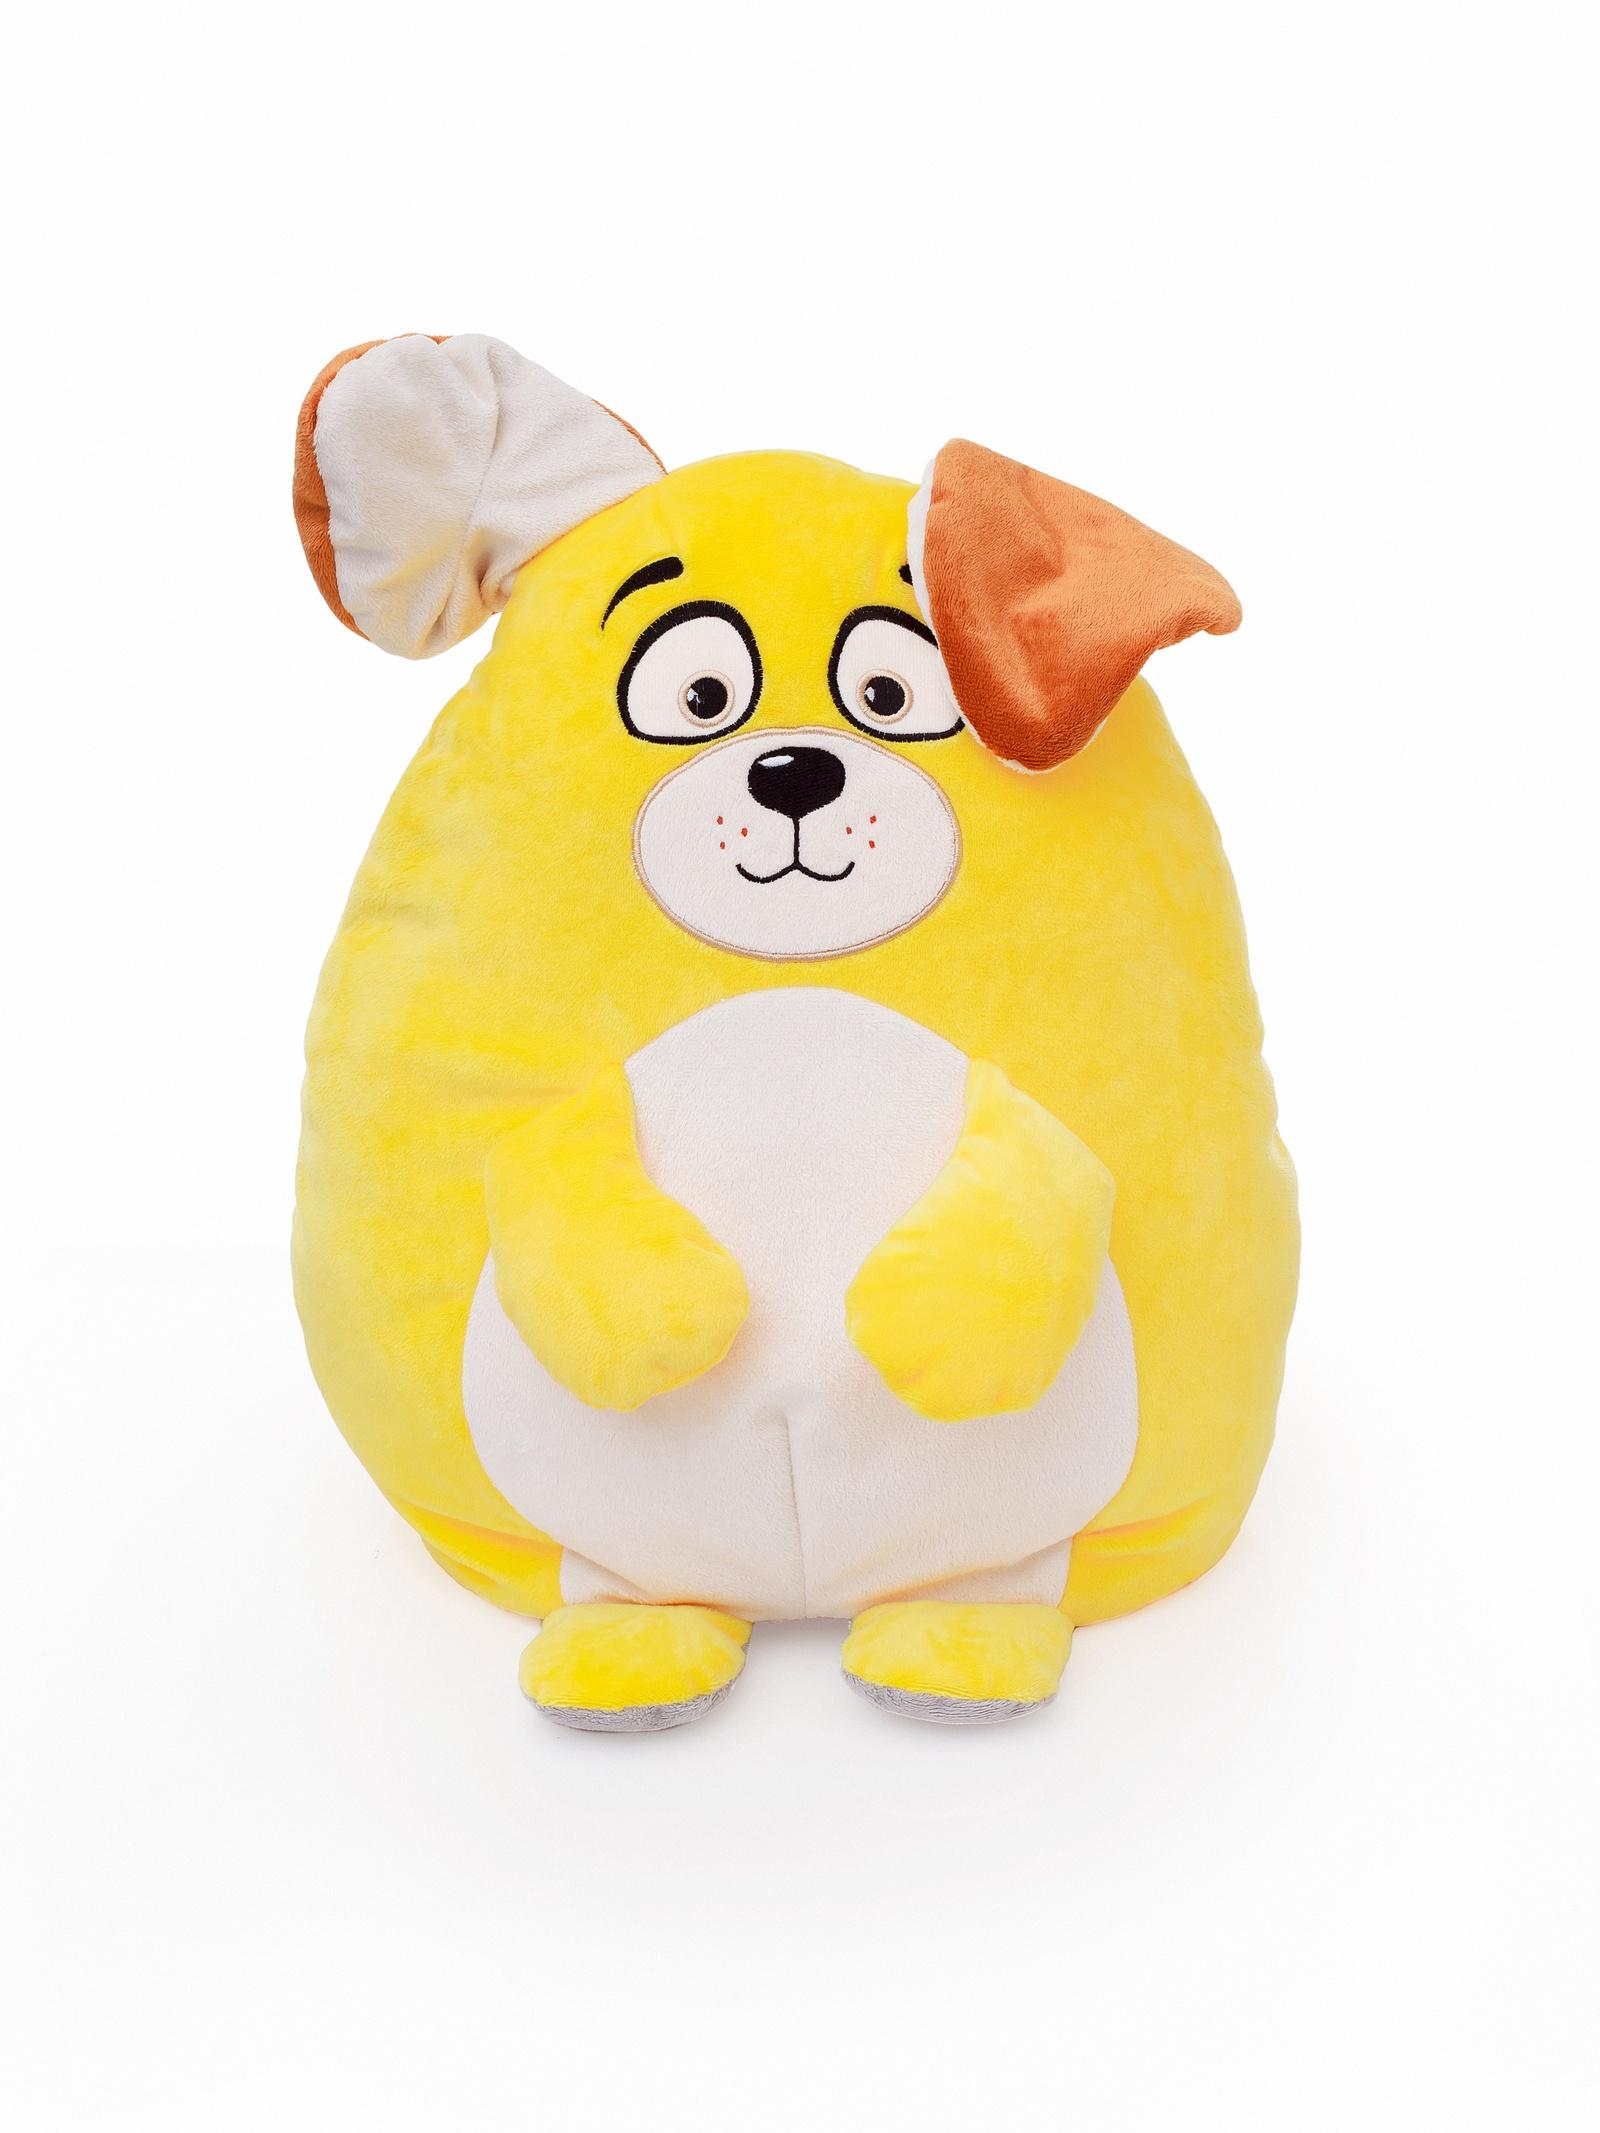 Мягкая игрушка СмолТойс Собака-кот перевертыш В45, 6182/ЦВ/45 бежевый, желтый